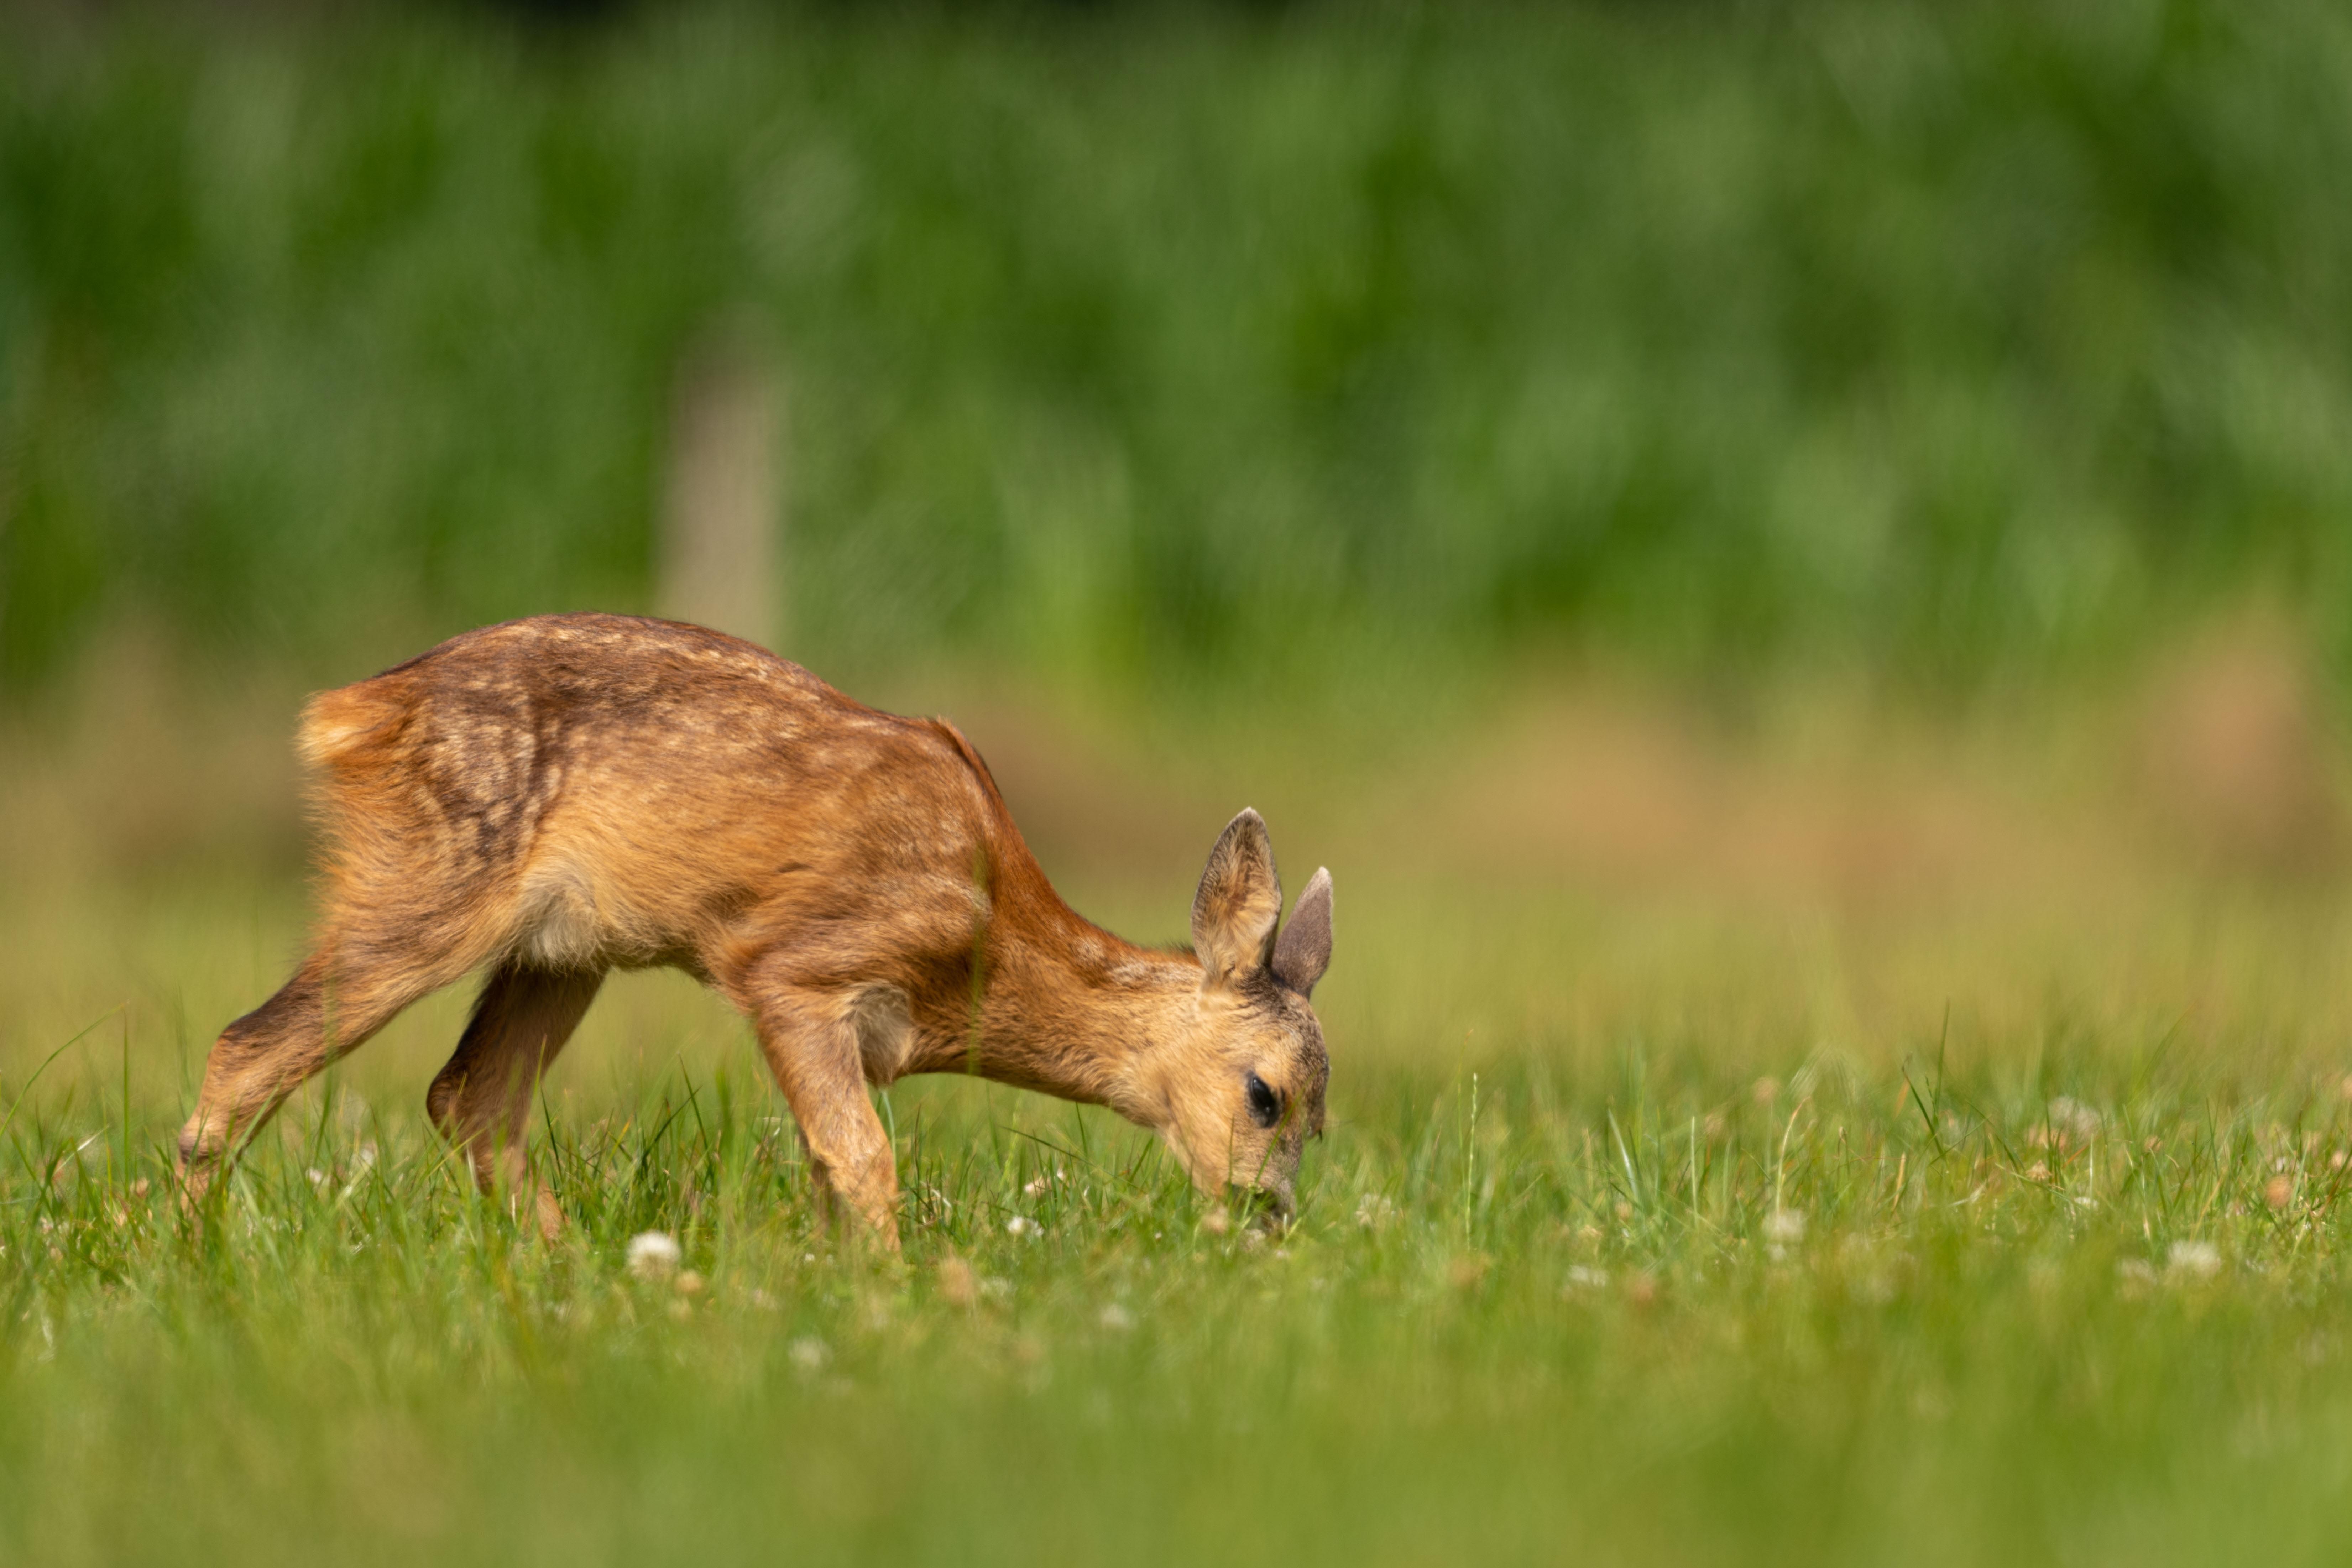 deer standing on grass